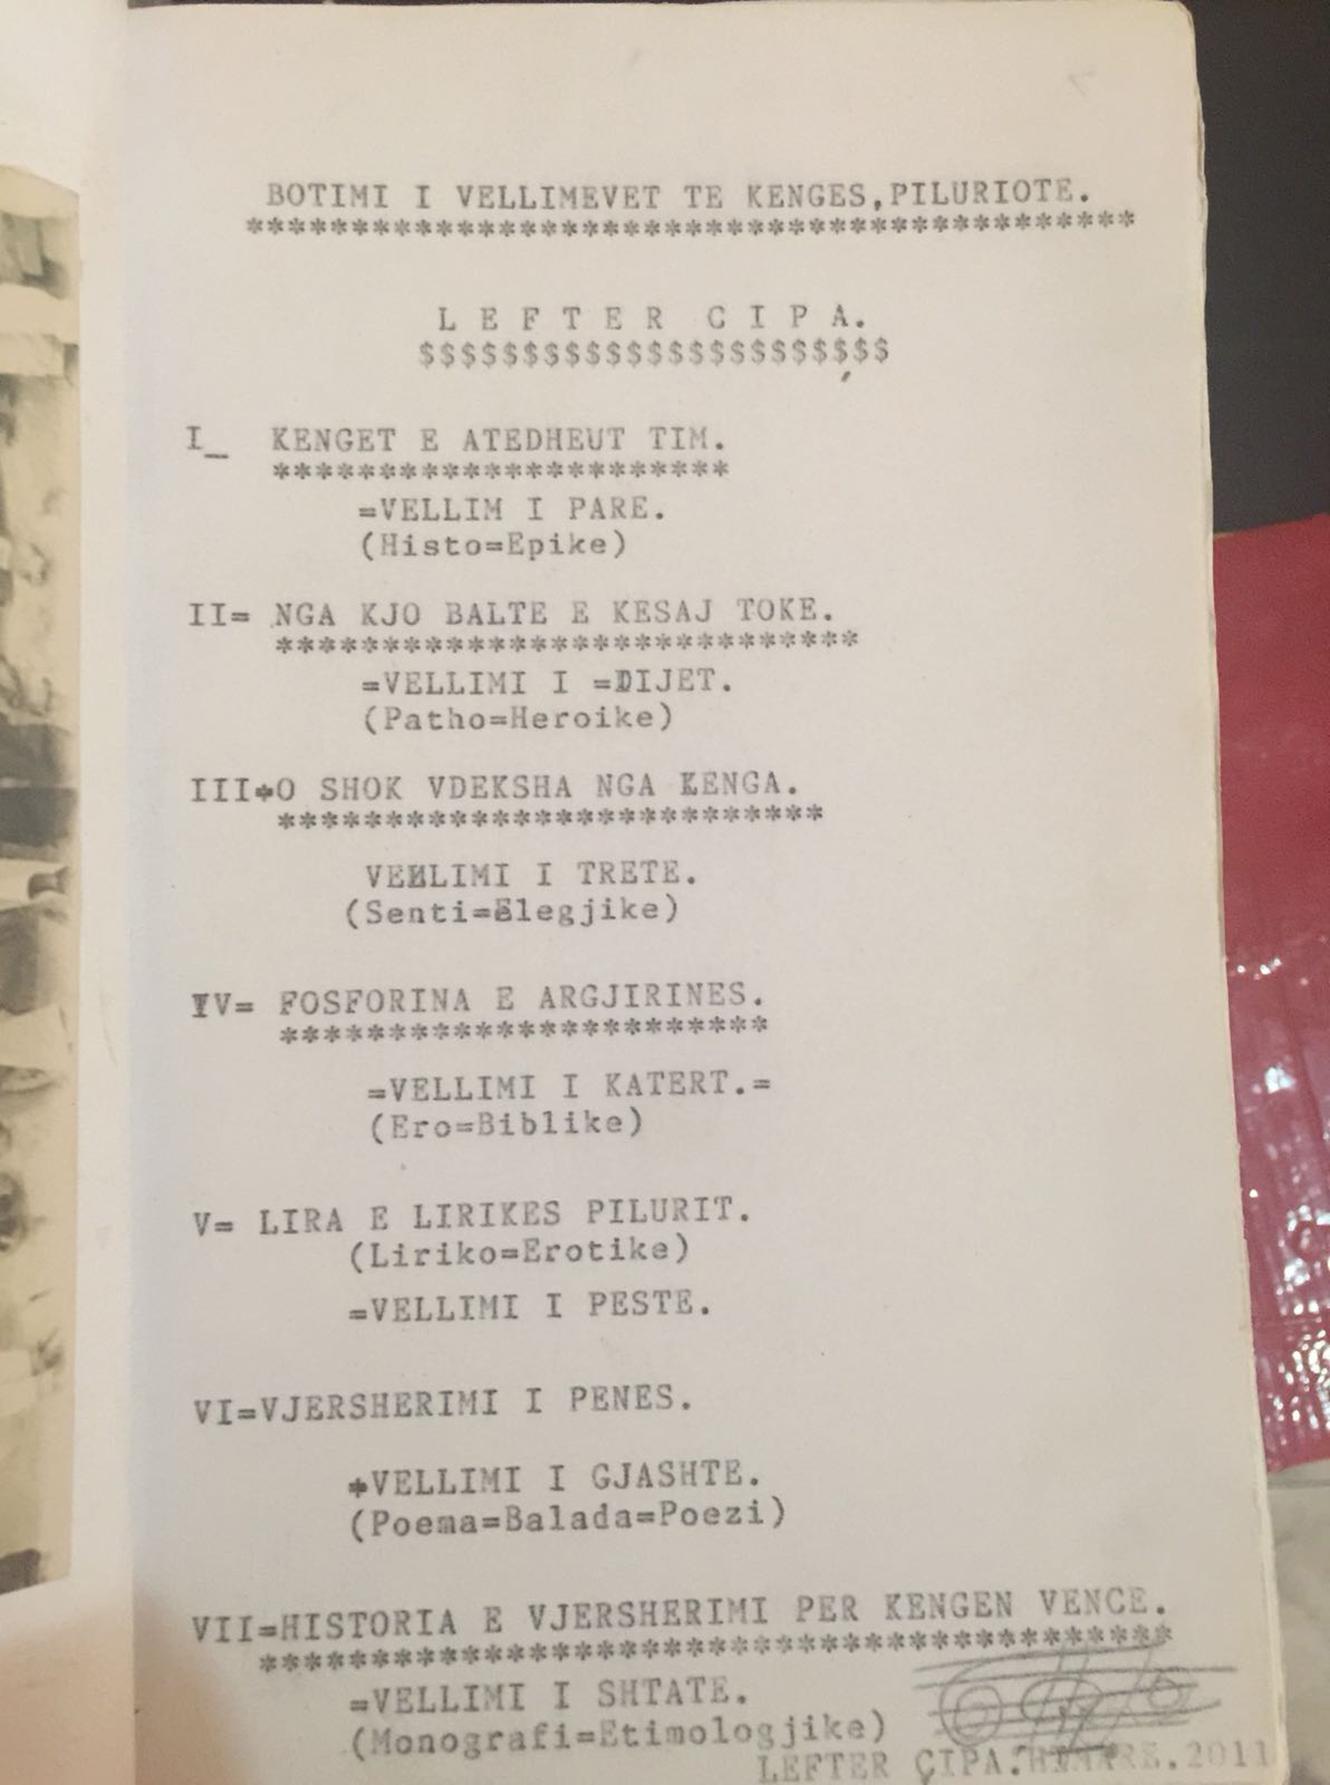 4. Faksimile të dorëshkrimeve të Lefer Çipës (shypur vetë ai në makinë shkrimi)